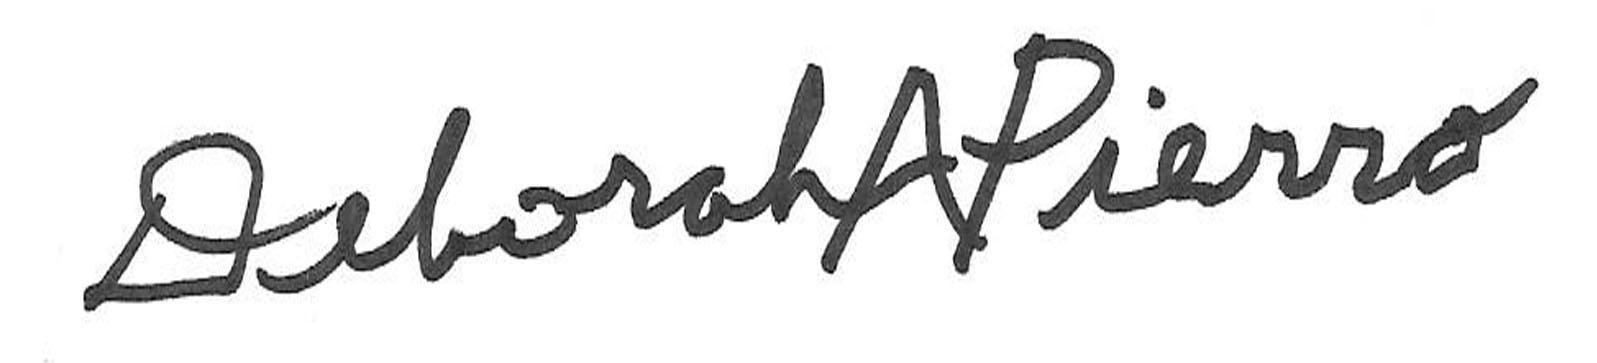 Deborah Pierro's Signature